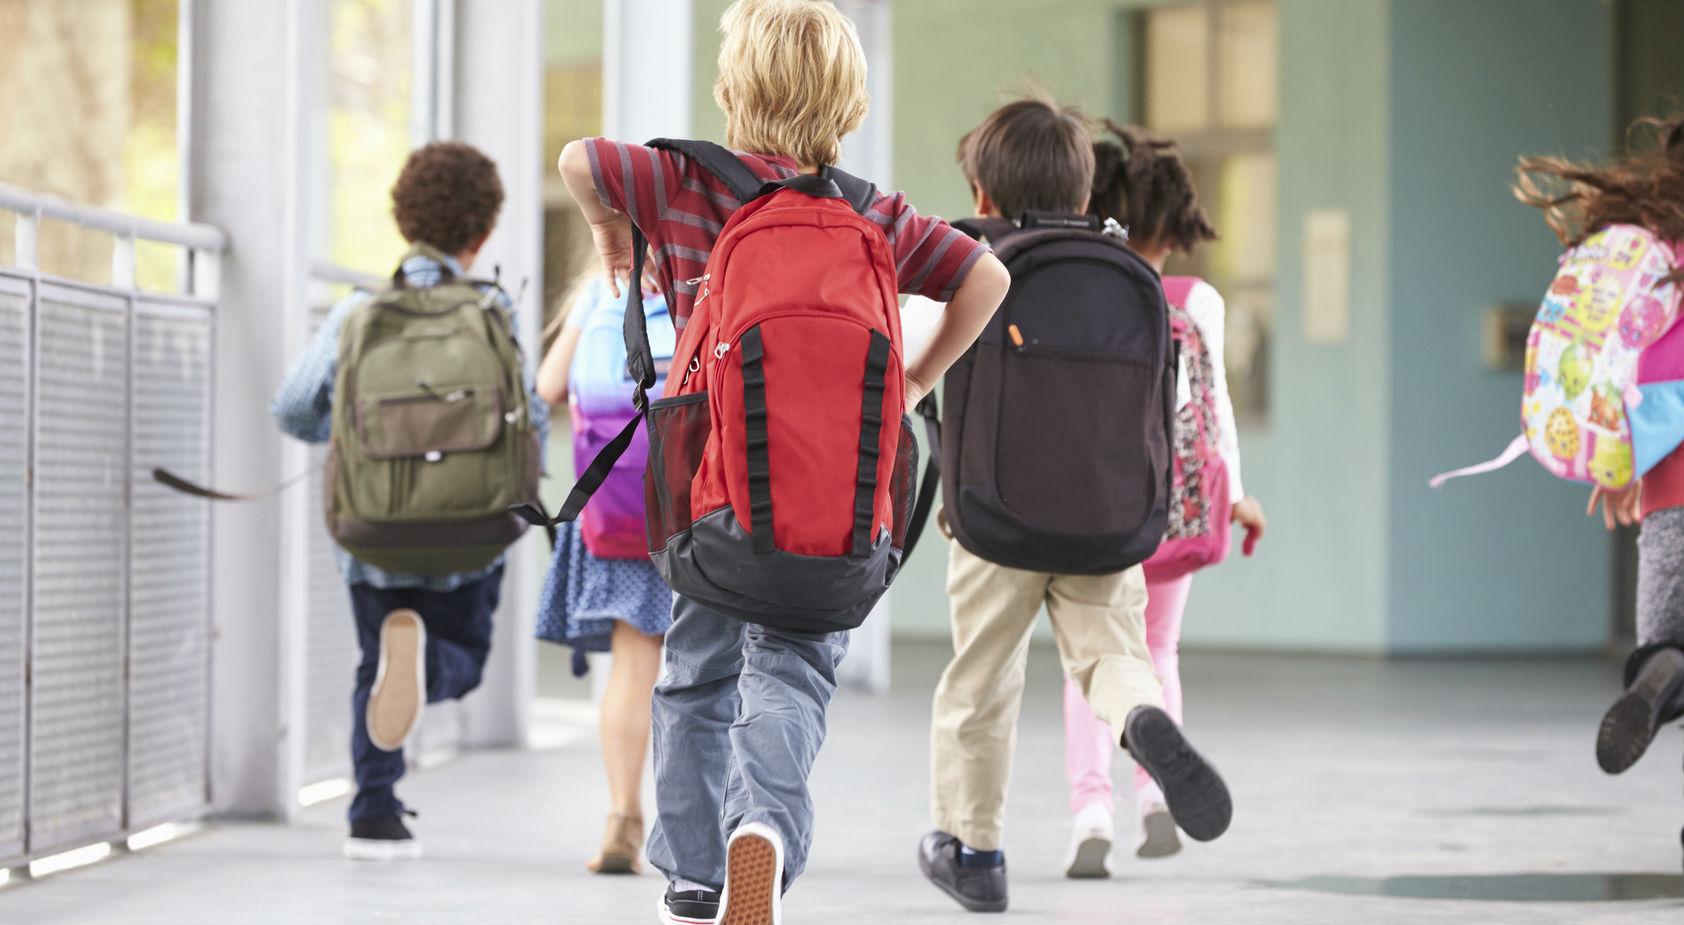 Genova, niente foto di gruppo a scuola. Occorre tutelare la privacy dei bambini